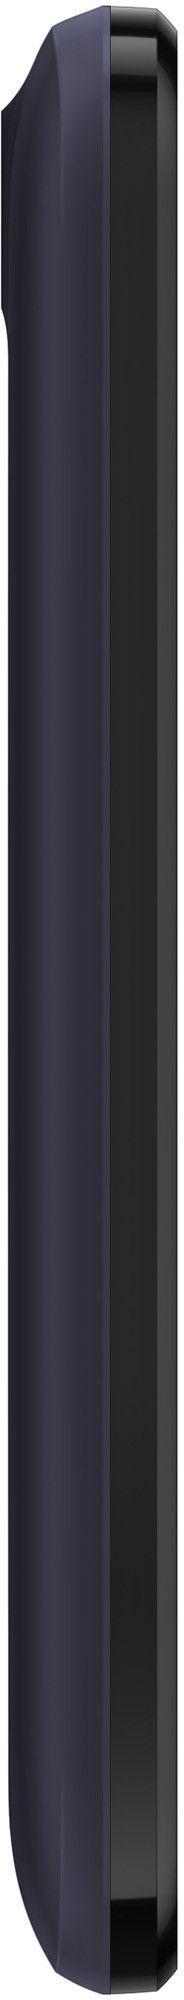 Мобильный телефон HTC Desire 310 Navy - 2